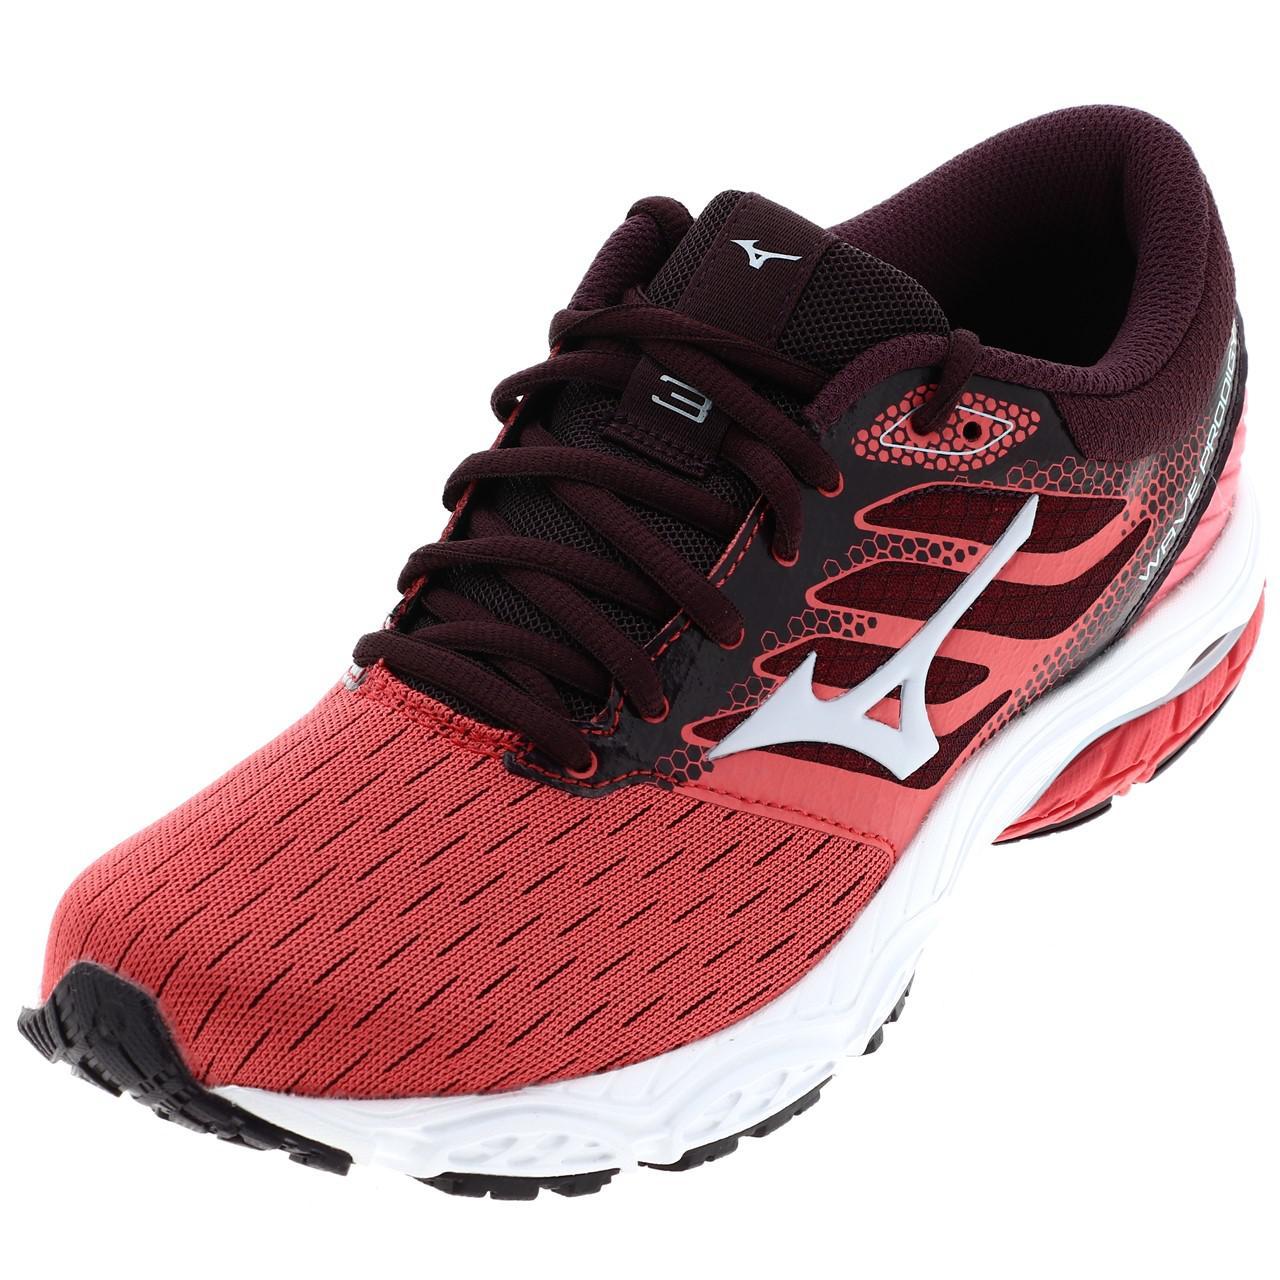 Chaussures running Mizuno Prodigy 3 running w Rose 43353 - Neuf